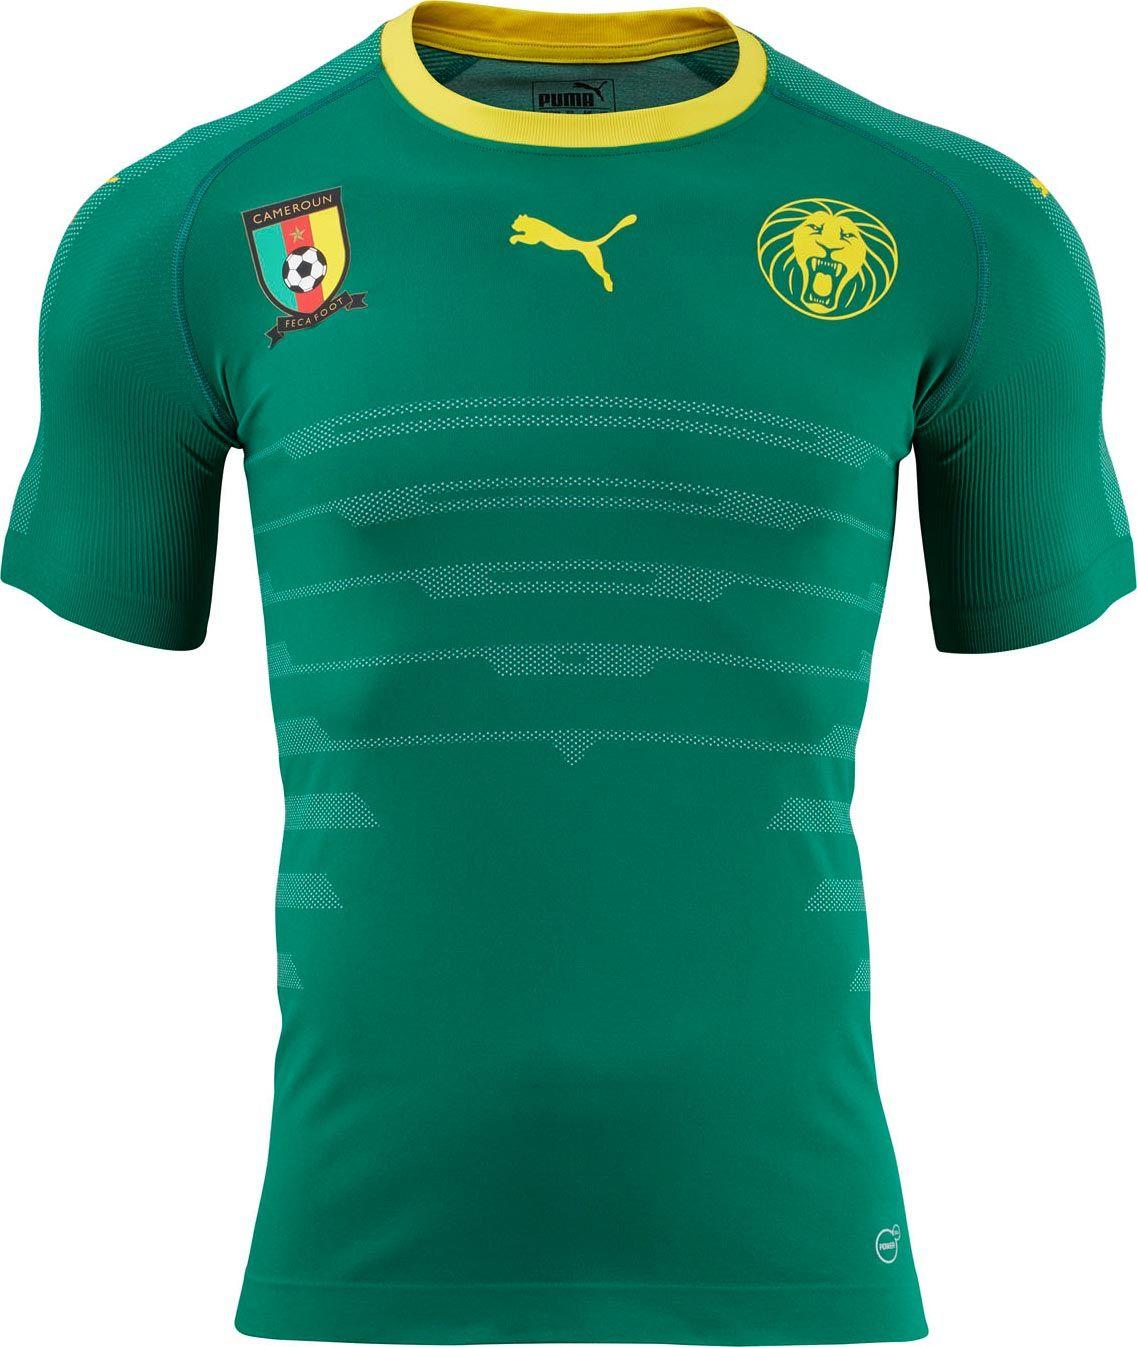 9ec4f10379a Cameroon (Fédération Camerounaise de Football) - 2016 2017 Puma Home Shirt